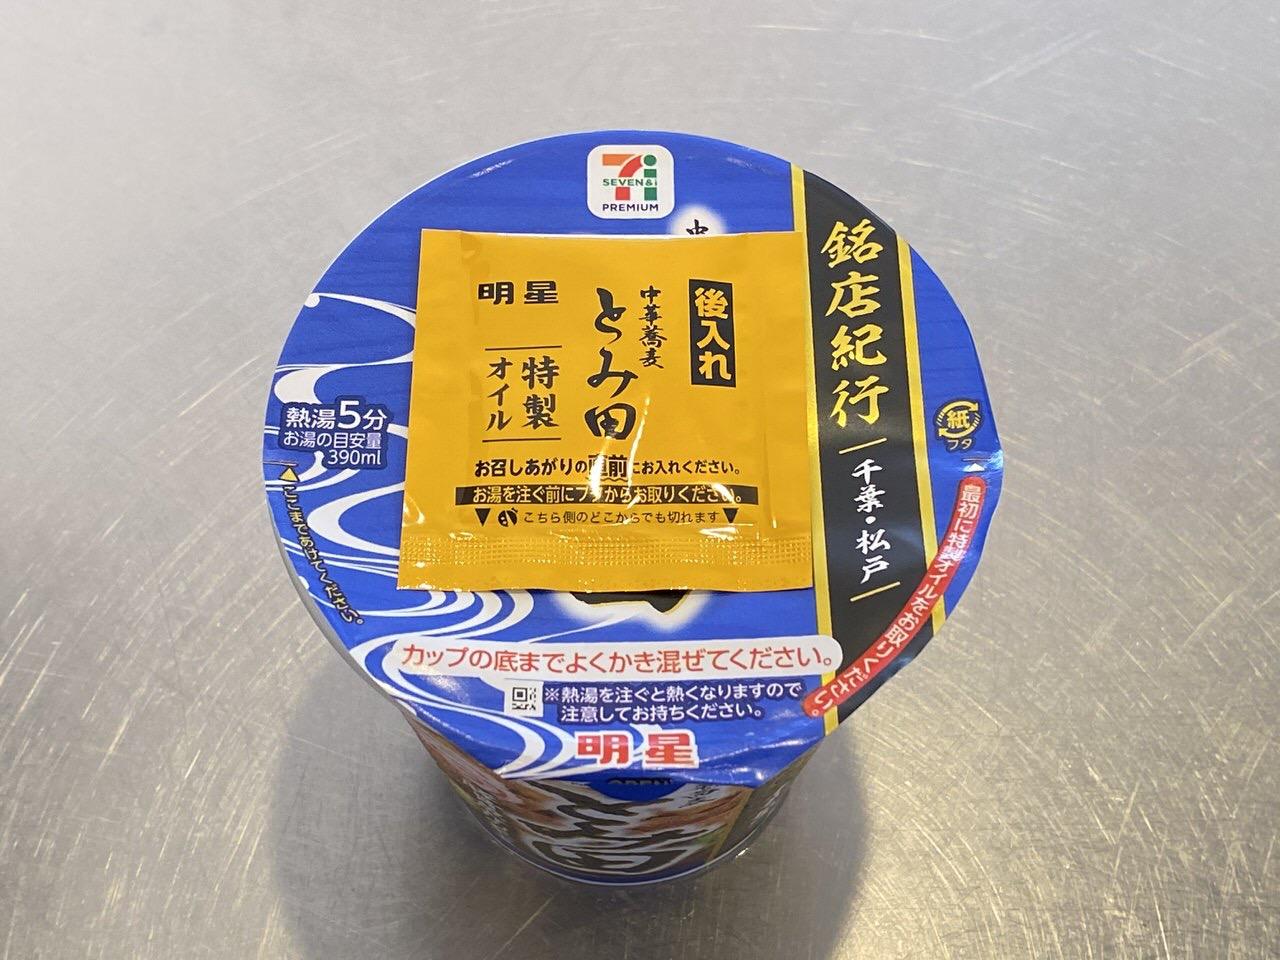 【セブンイレブン】カップ麺「銘店紀行 中華蕎麦とみ田」3